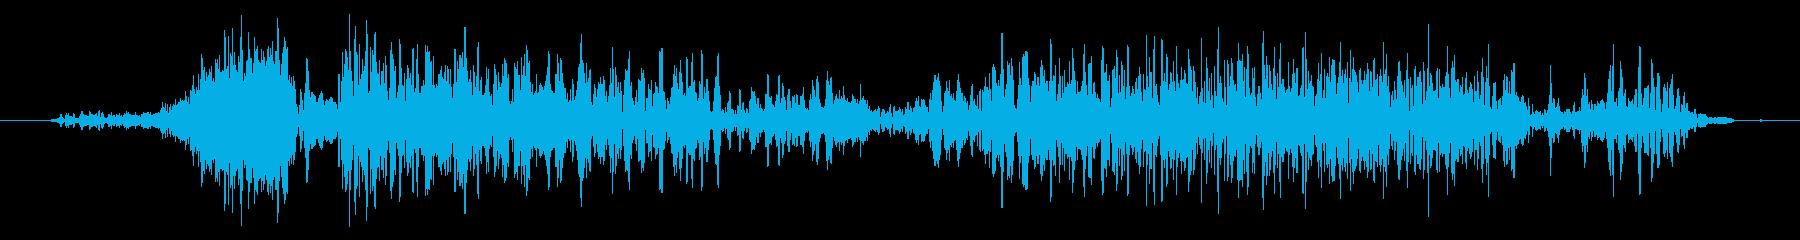 カエル モンスター ゲーム 登場時の再生済みの波形